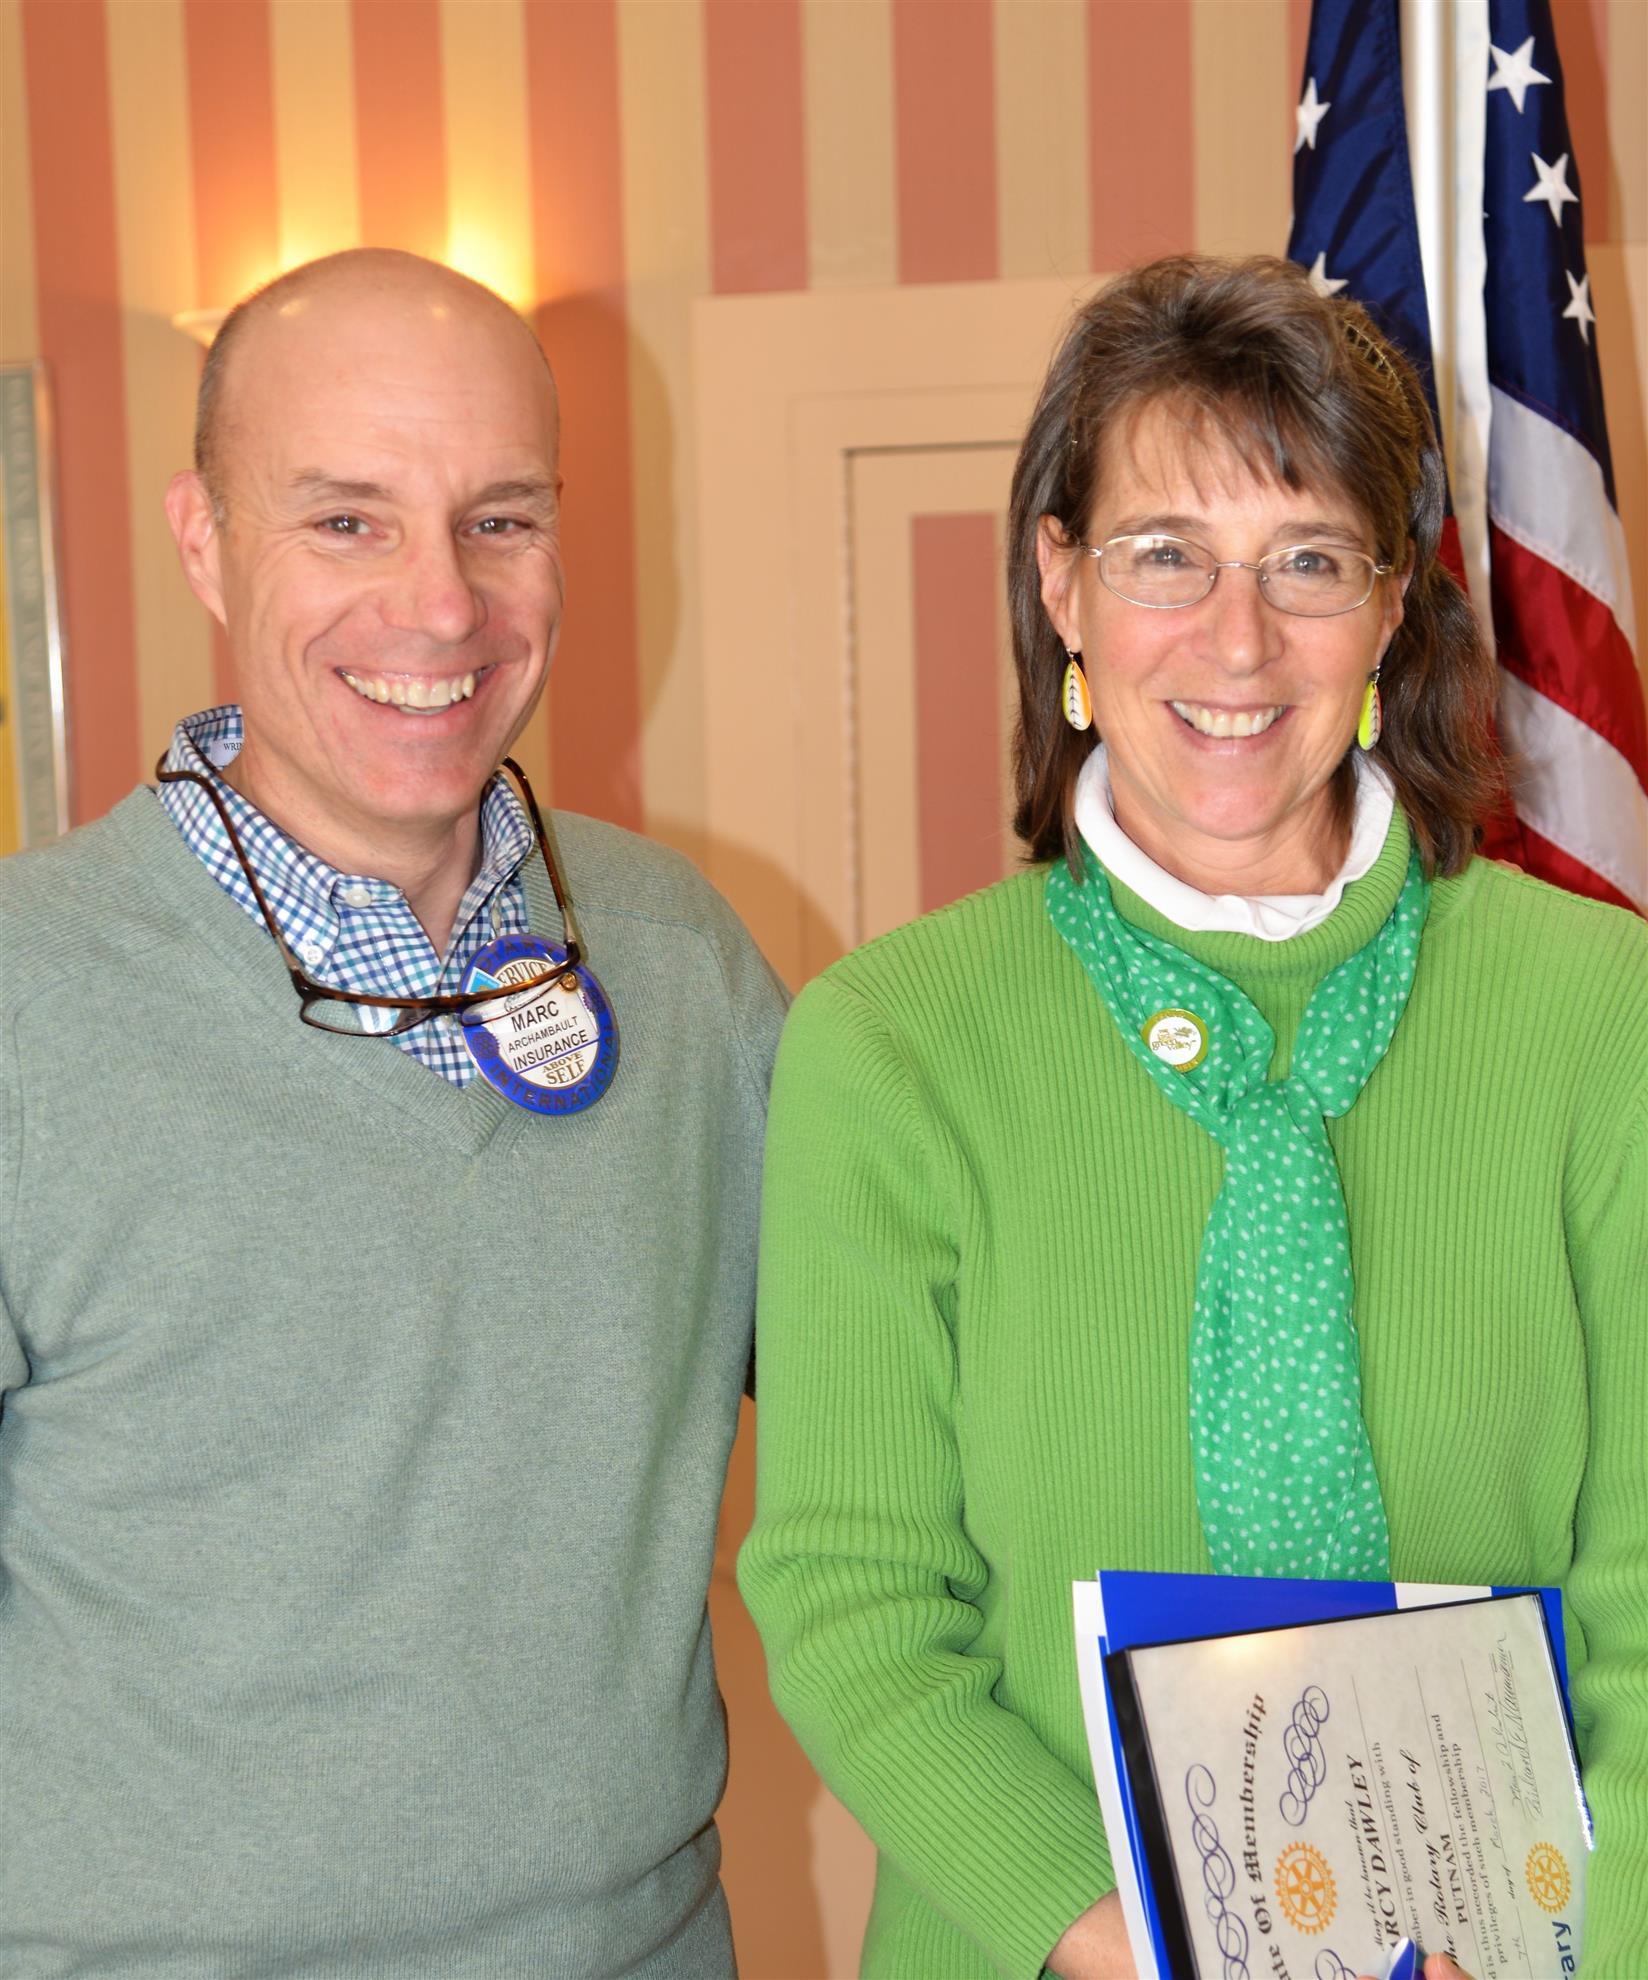 Newest Rotarian ! Marcy Dawley